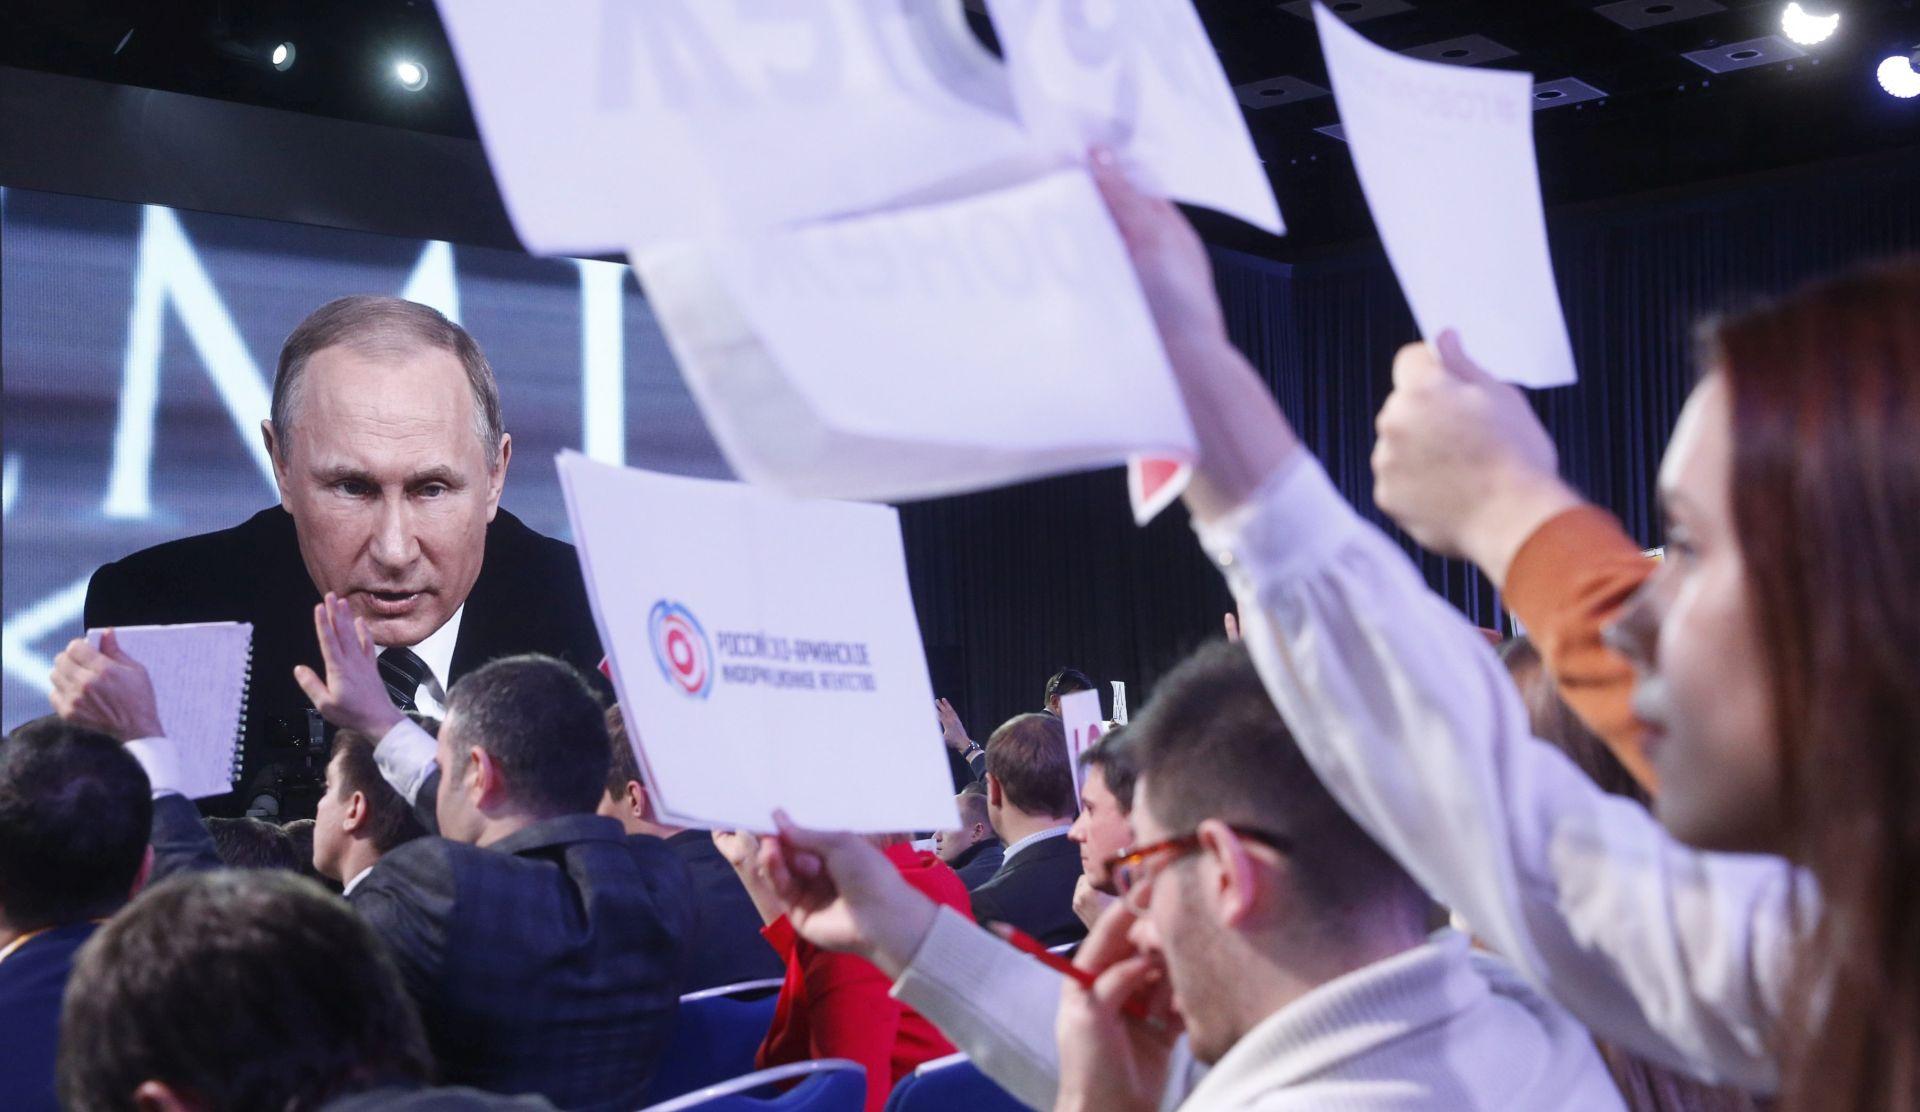 GODIŠNJA KONFERENCIJA Putin: Rusija će nastaviti sa zračnim udarima u Siriji